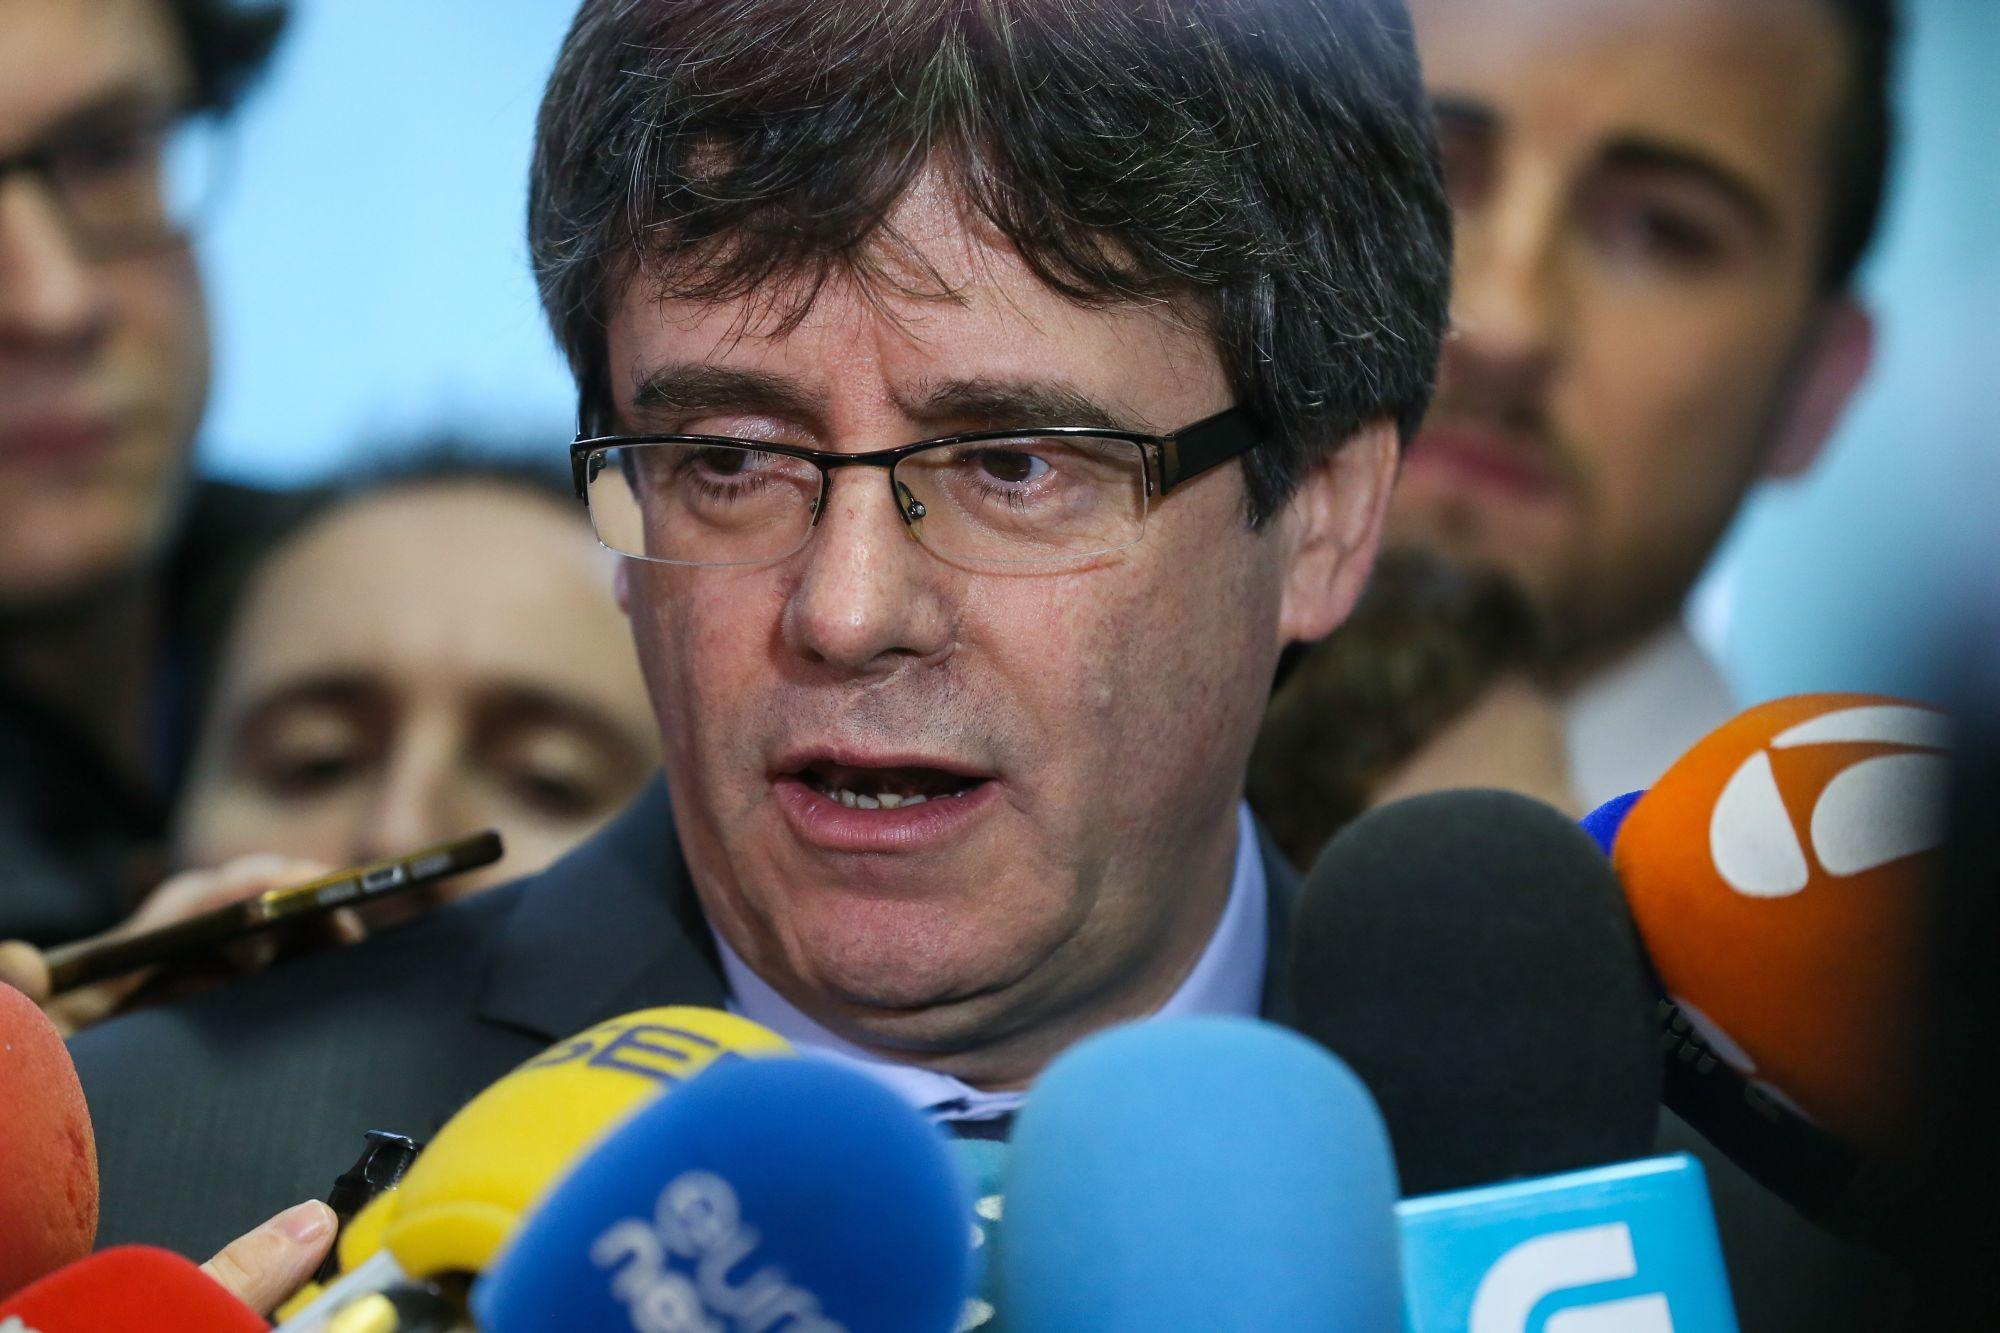 Carles Puigdemont leváltott katalán elnök nyilatkozik a sajtó képviselőinek, miután megbeszélést folytatott Roger Torrenttel, a katalán parlament elnökével Brüsszelben 2018. január 24-én. (MTI/EPA/Stephanie Lecocq)